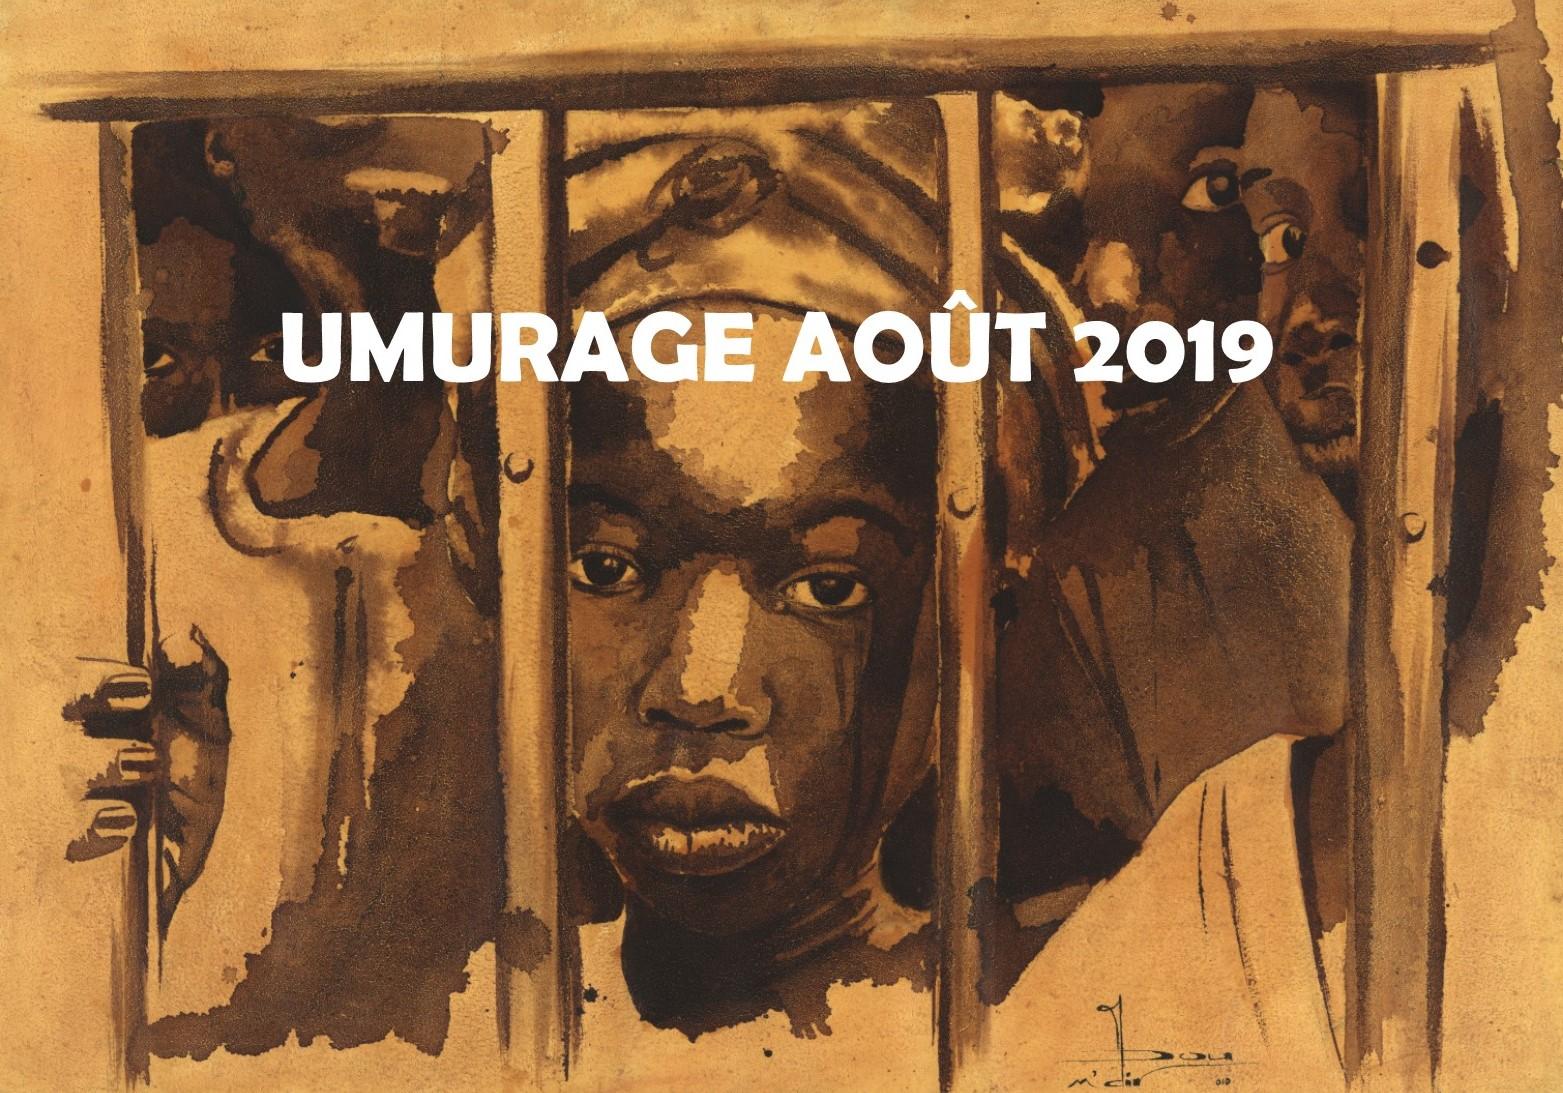 UMURAGE Aout 2019.jpg